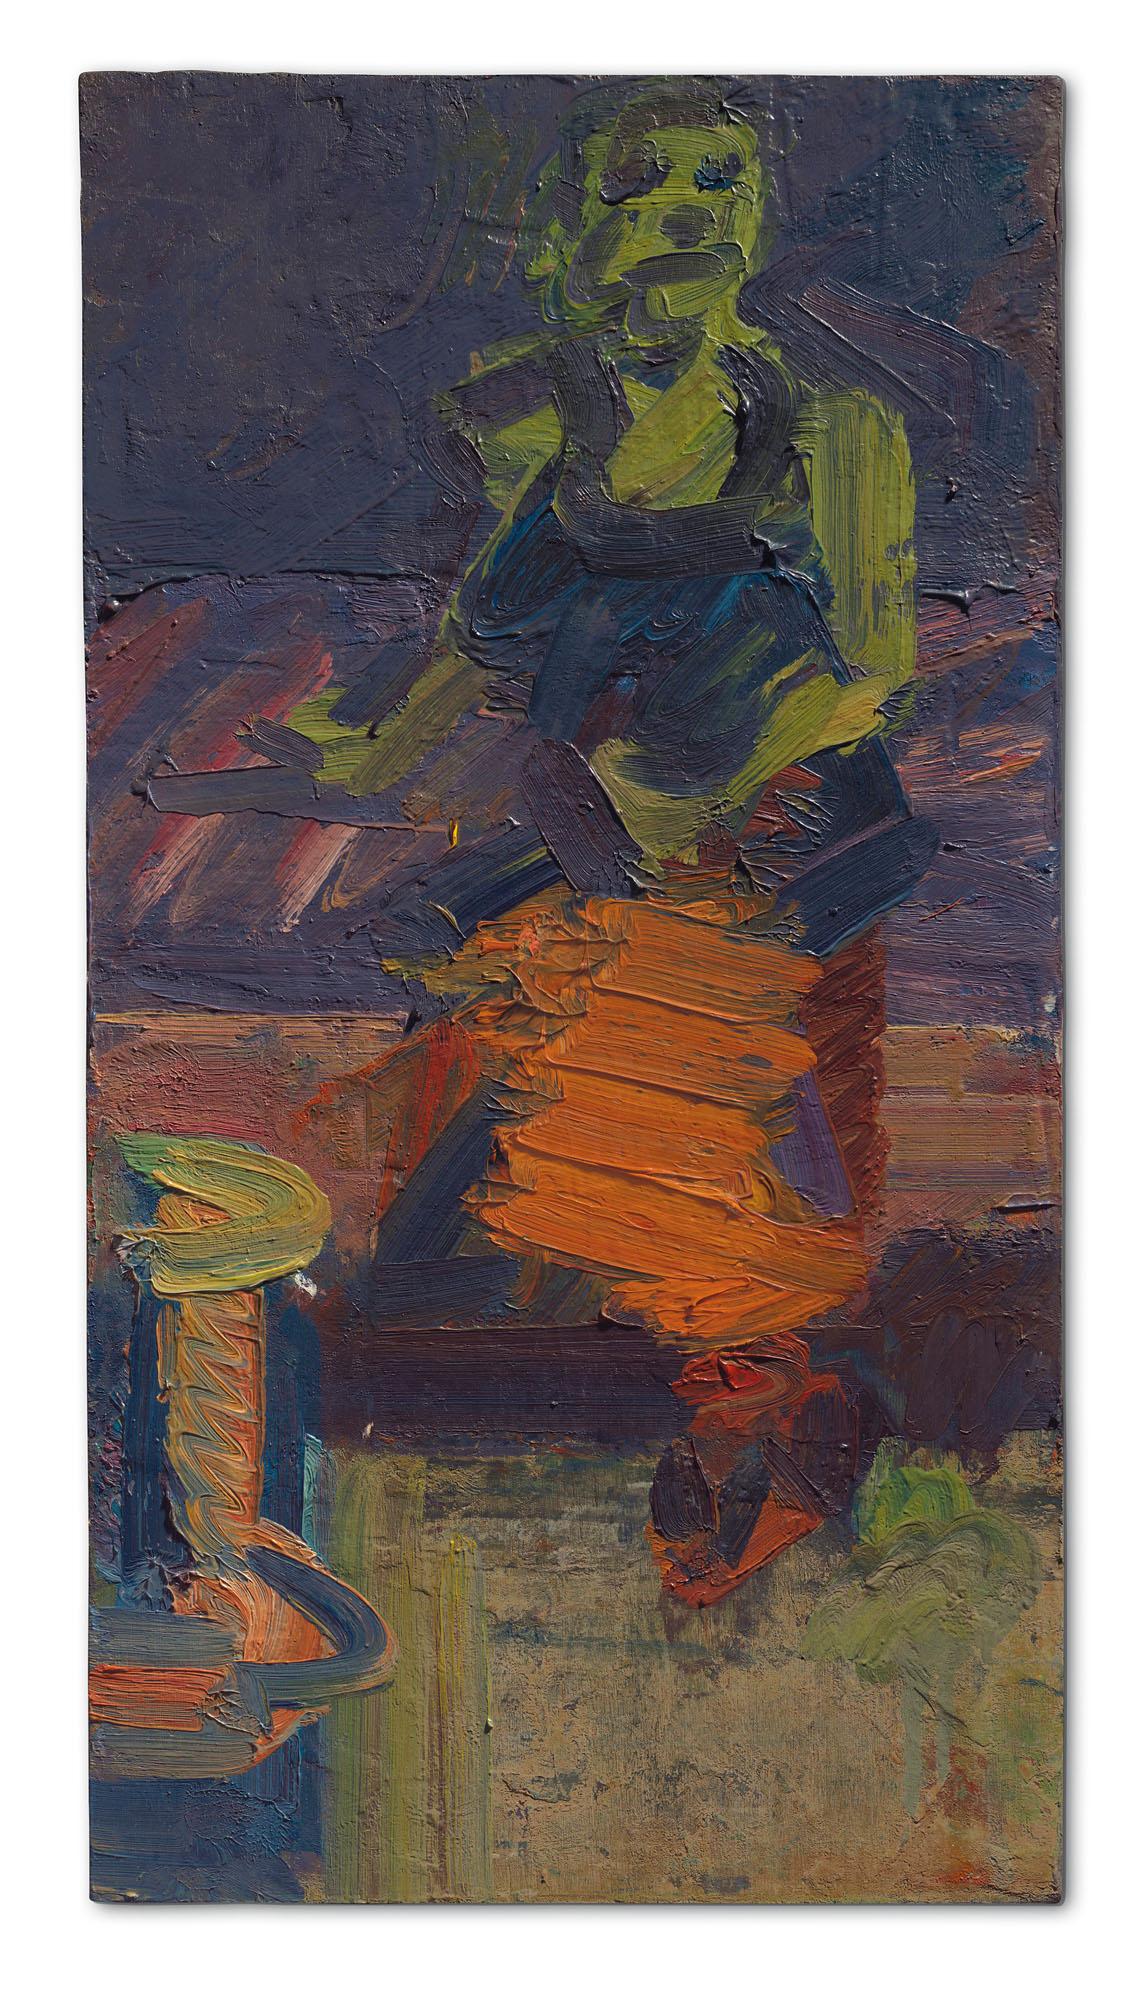 Frank Auerbach Landscapes and Portraits auf artnet